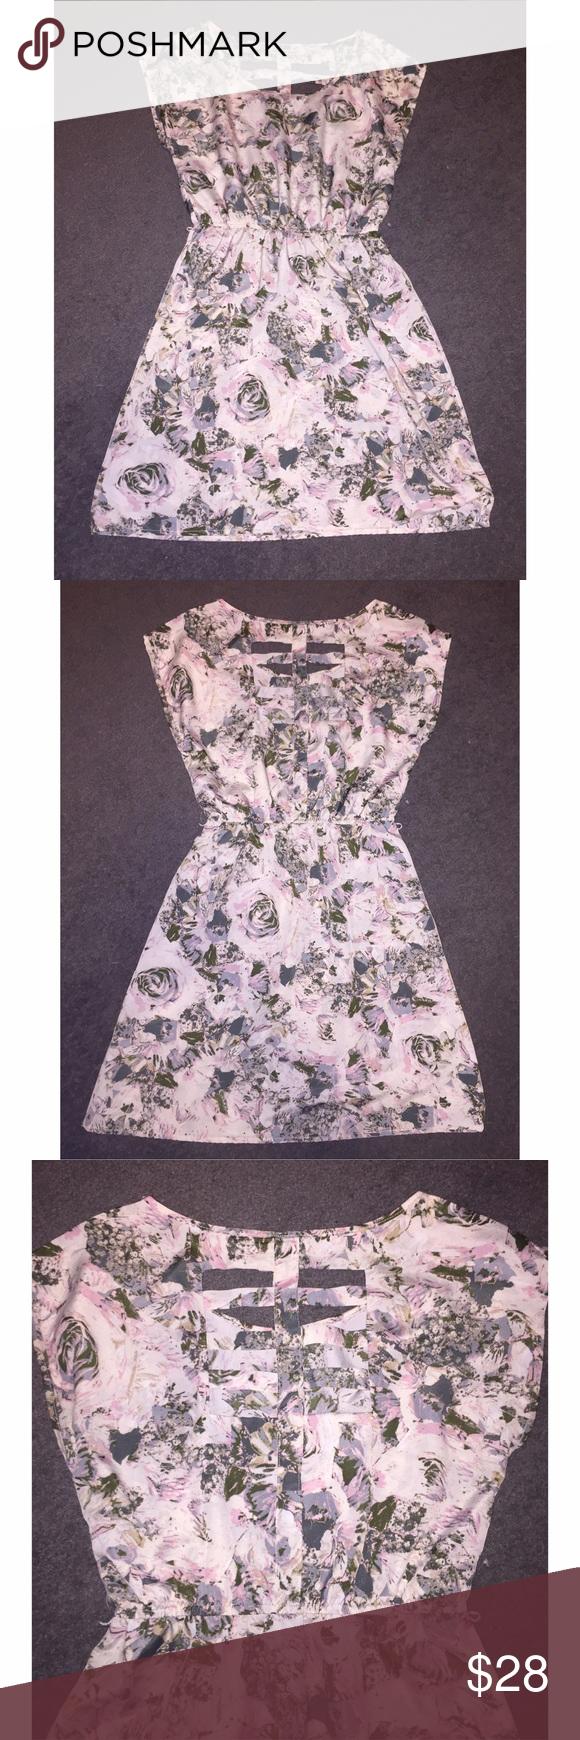 👗 Floral Print Cocktail Dress NWOT Floral Print Cocktail Dress Charlotte Russe Dresses